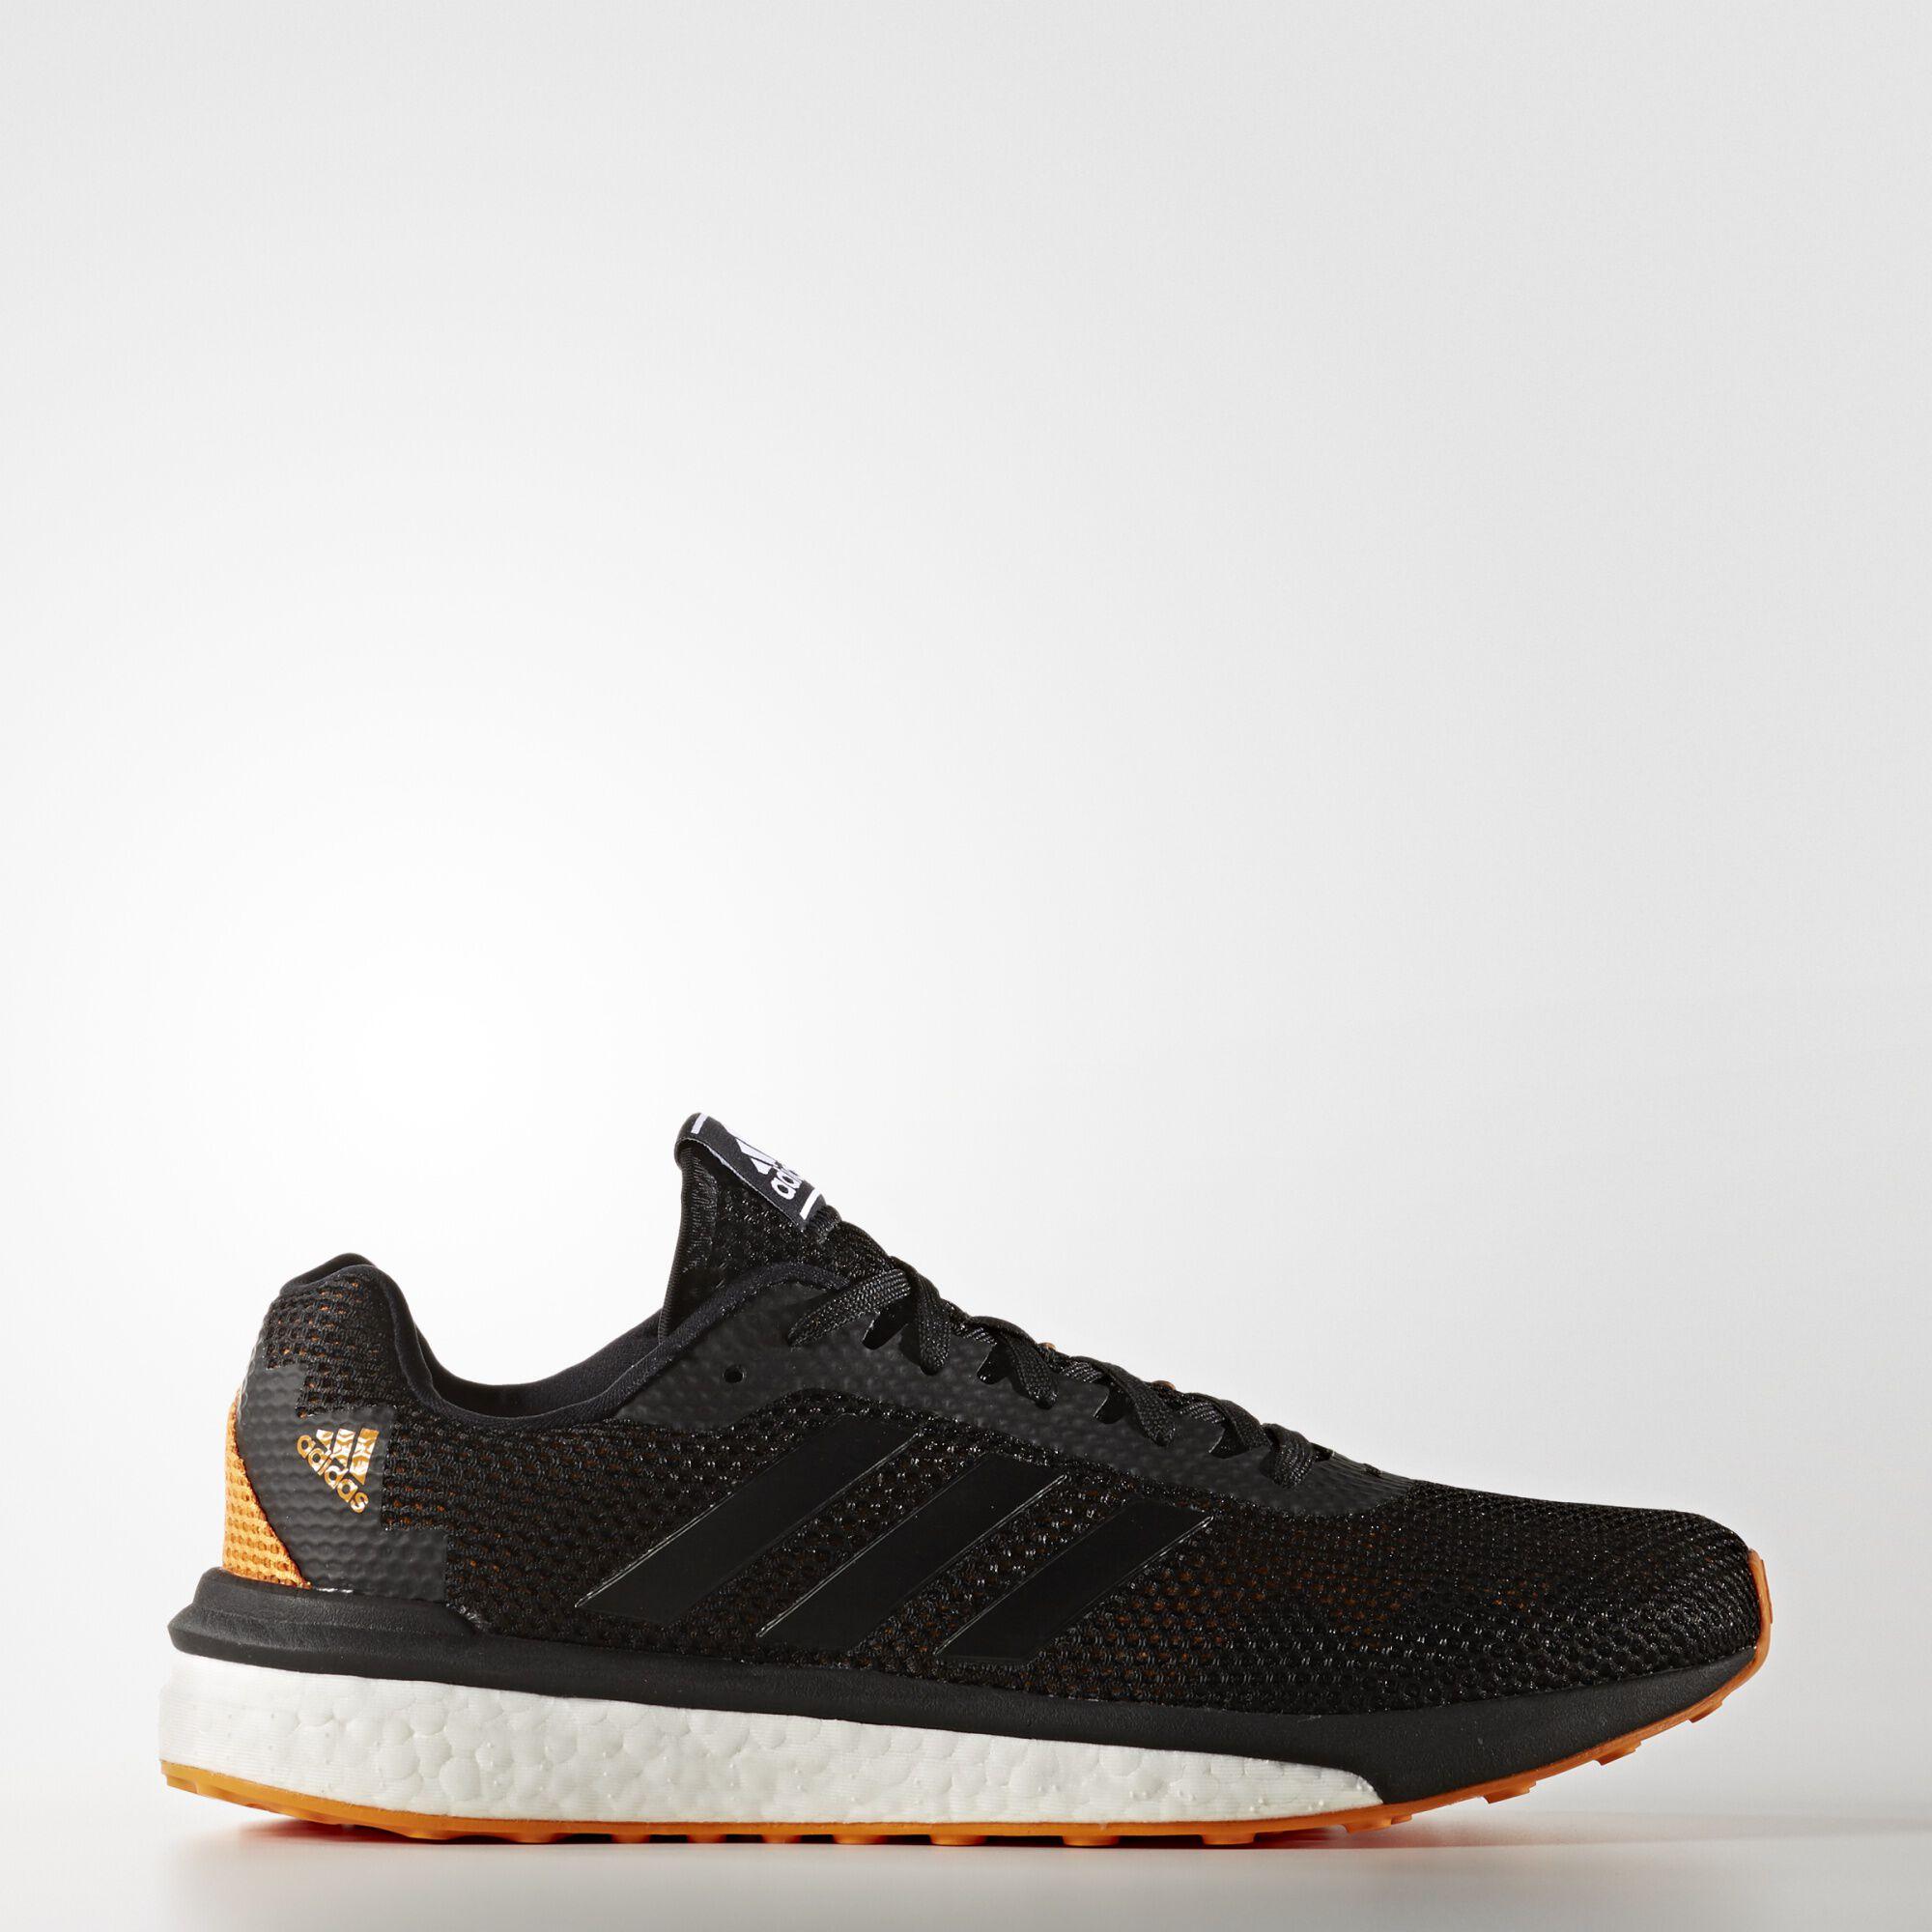 Adidas Shoes Orange And Black